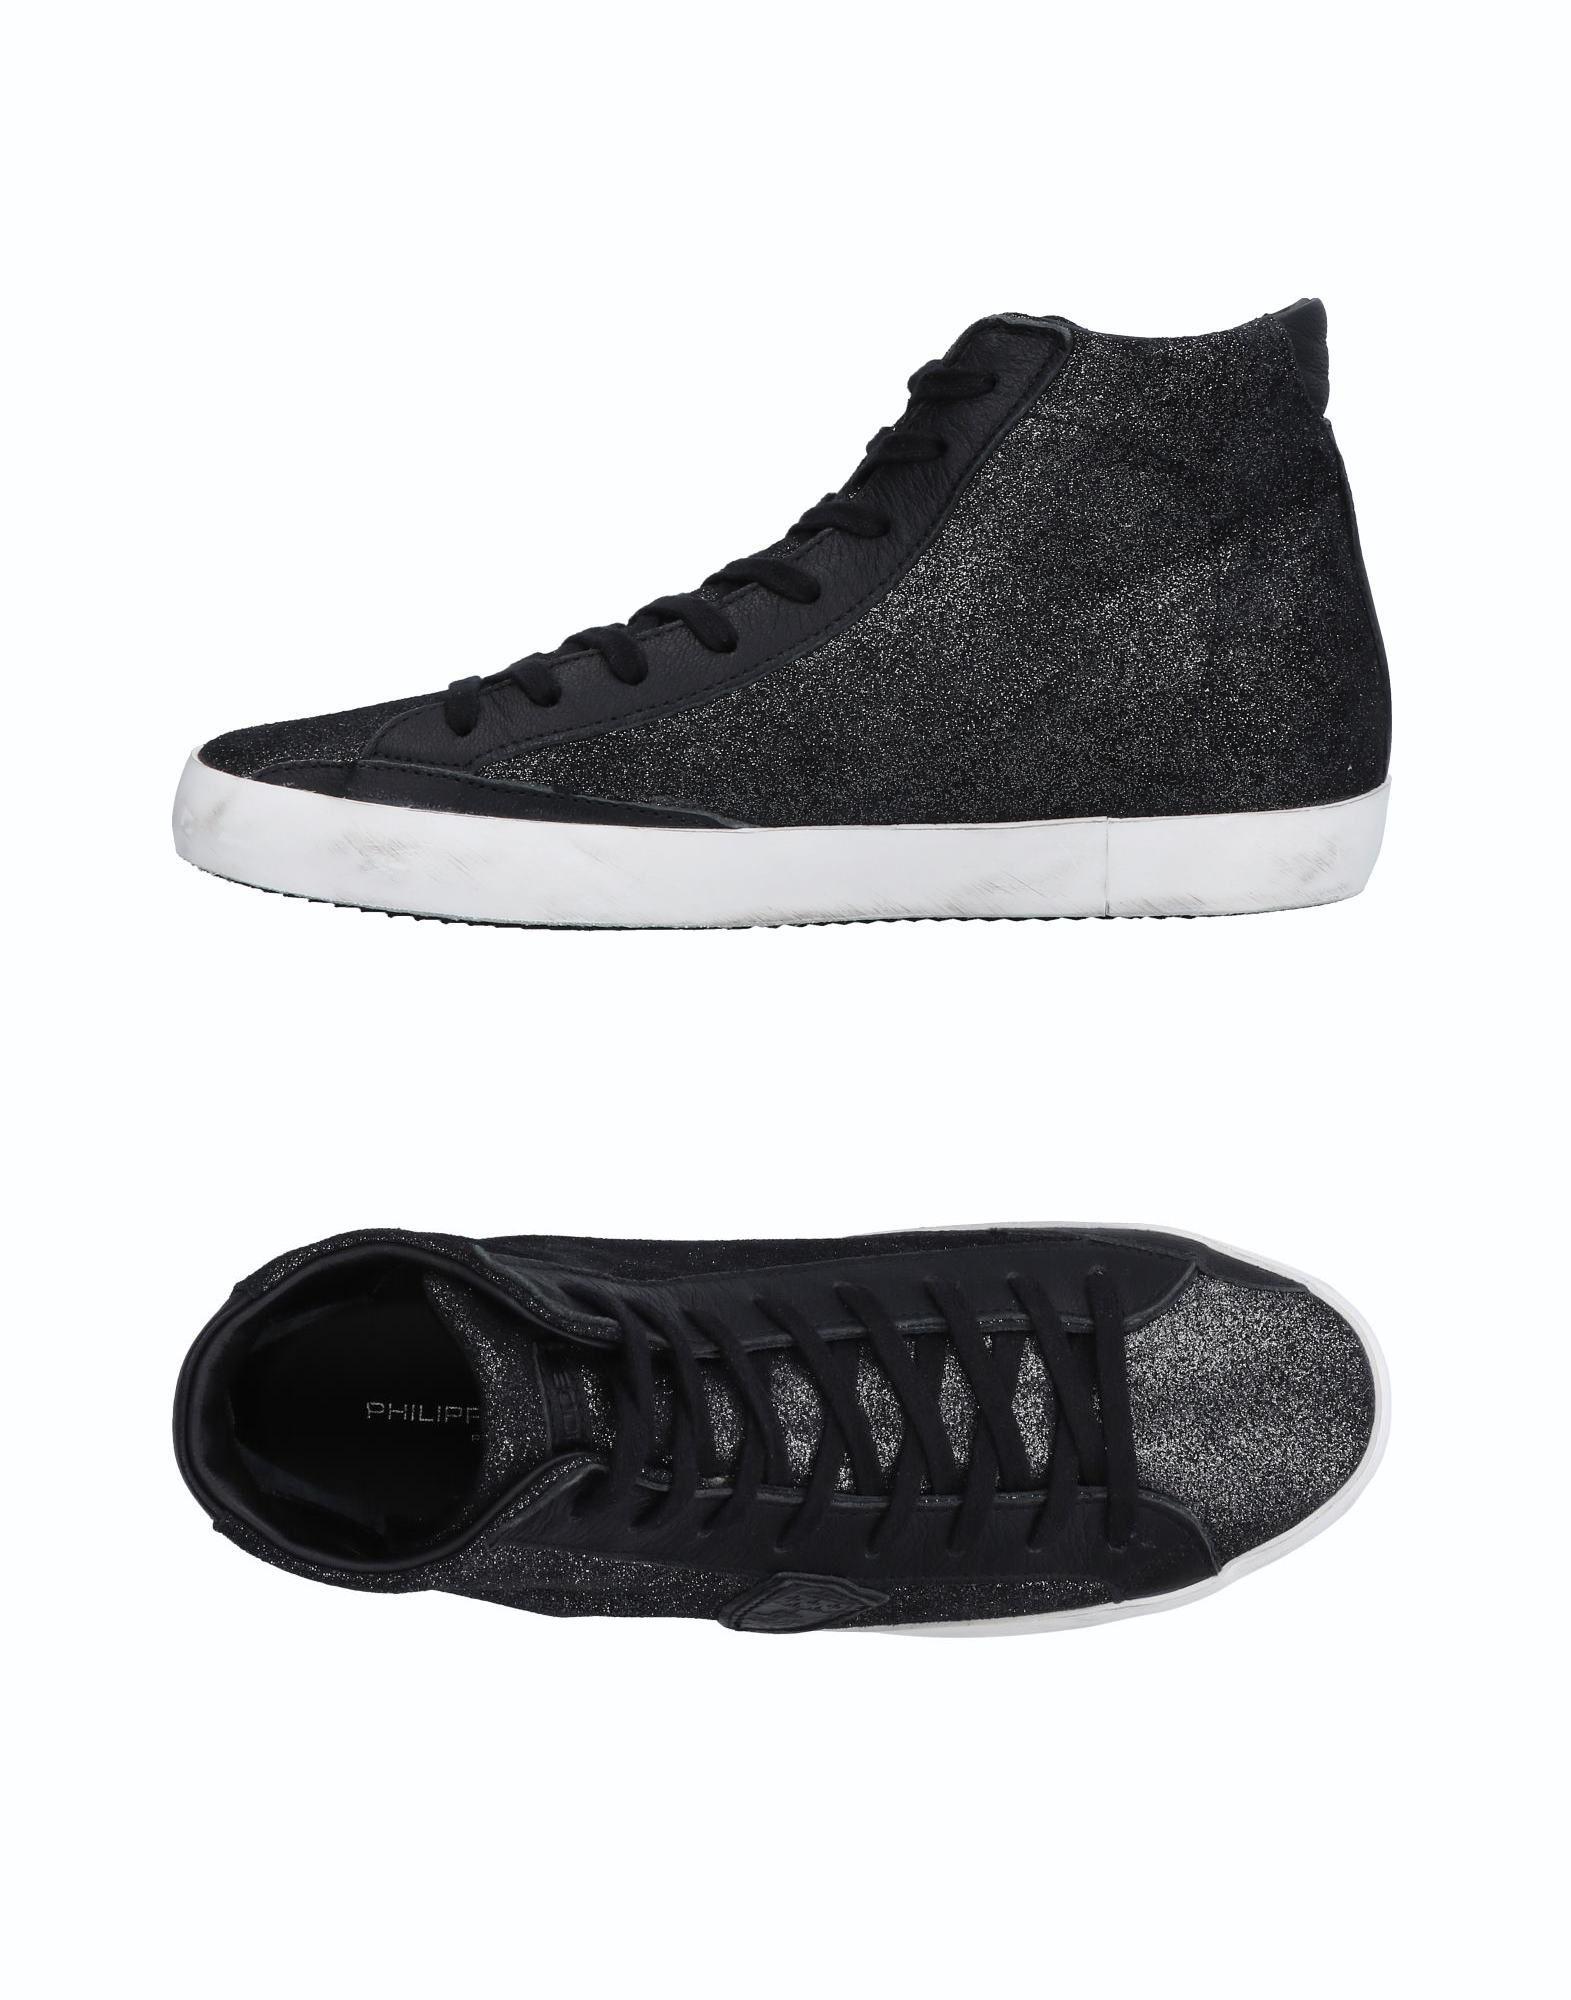 Los últimos zapatos de descuento para hombres y y y mujeres Zapatillas Philippe Model Mujer - Zapatillas Philippe Model  Negro 1c27ff